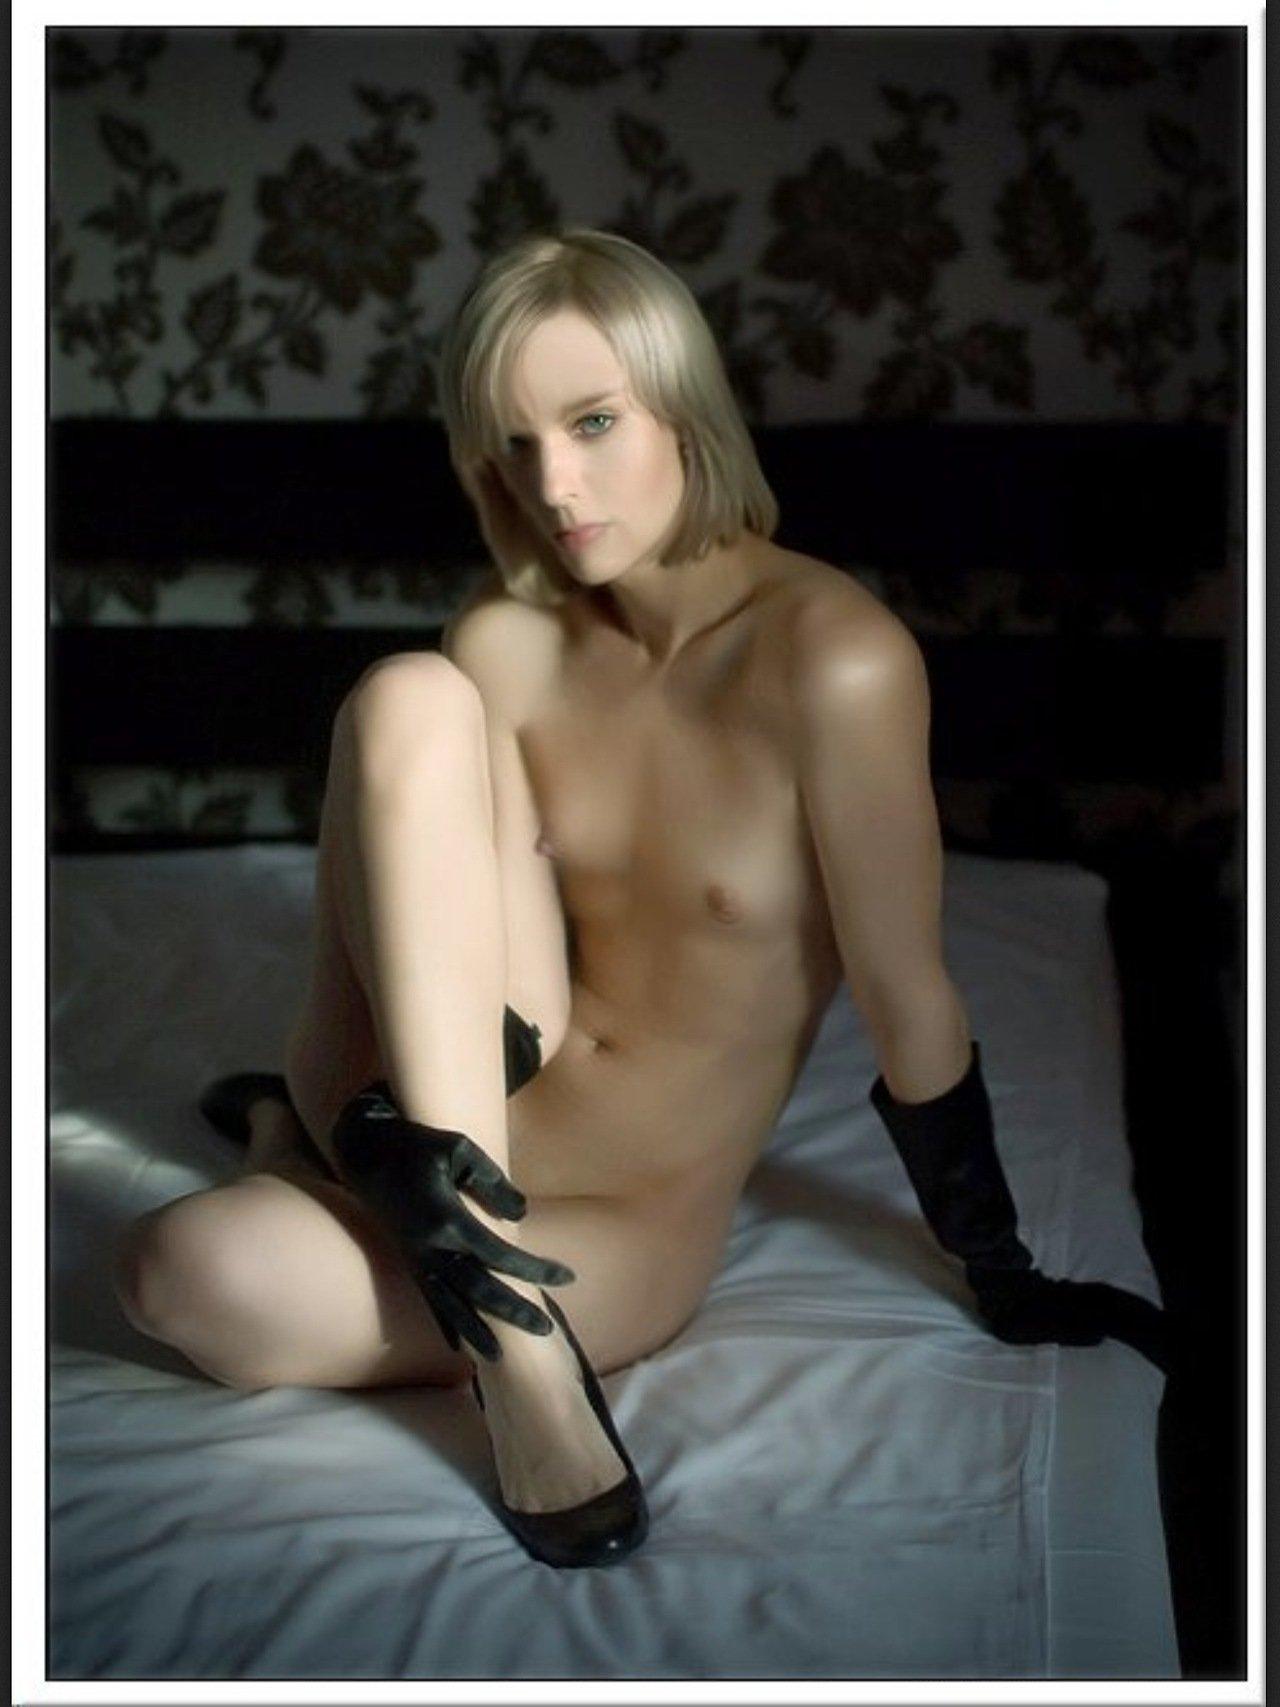 Транссексуал - Фото галерея 1073935